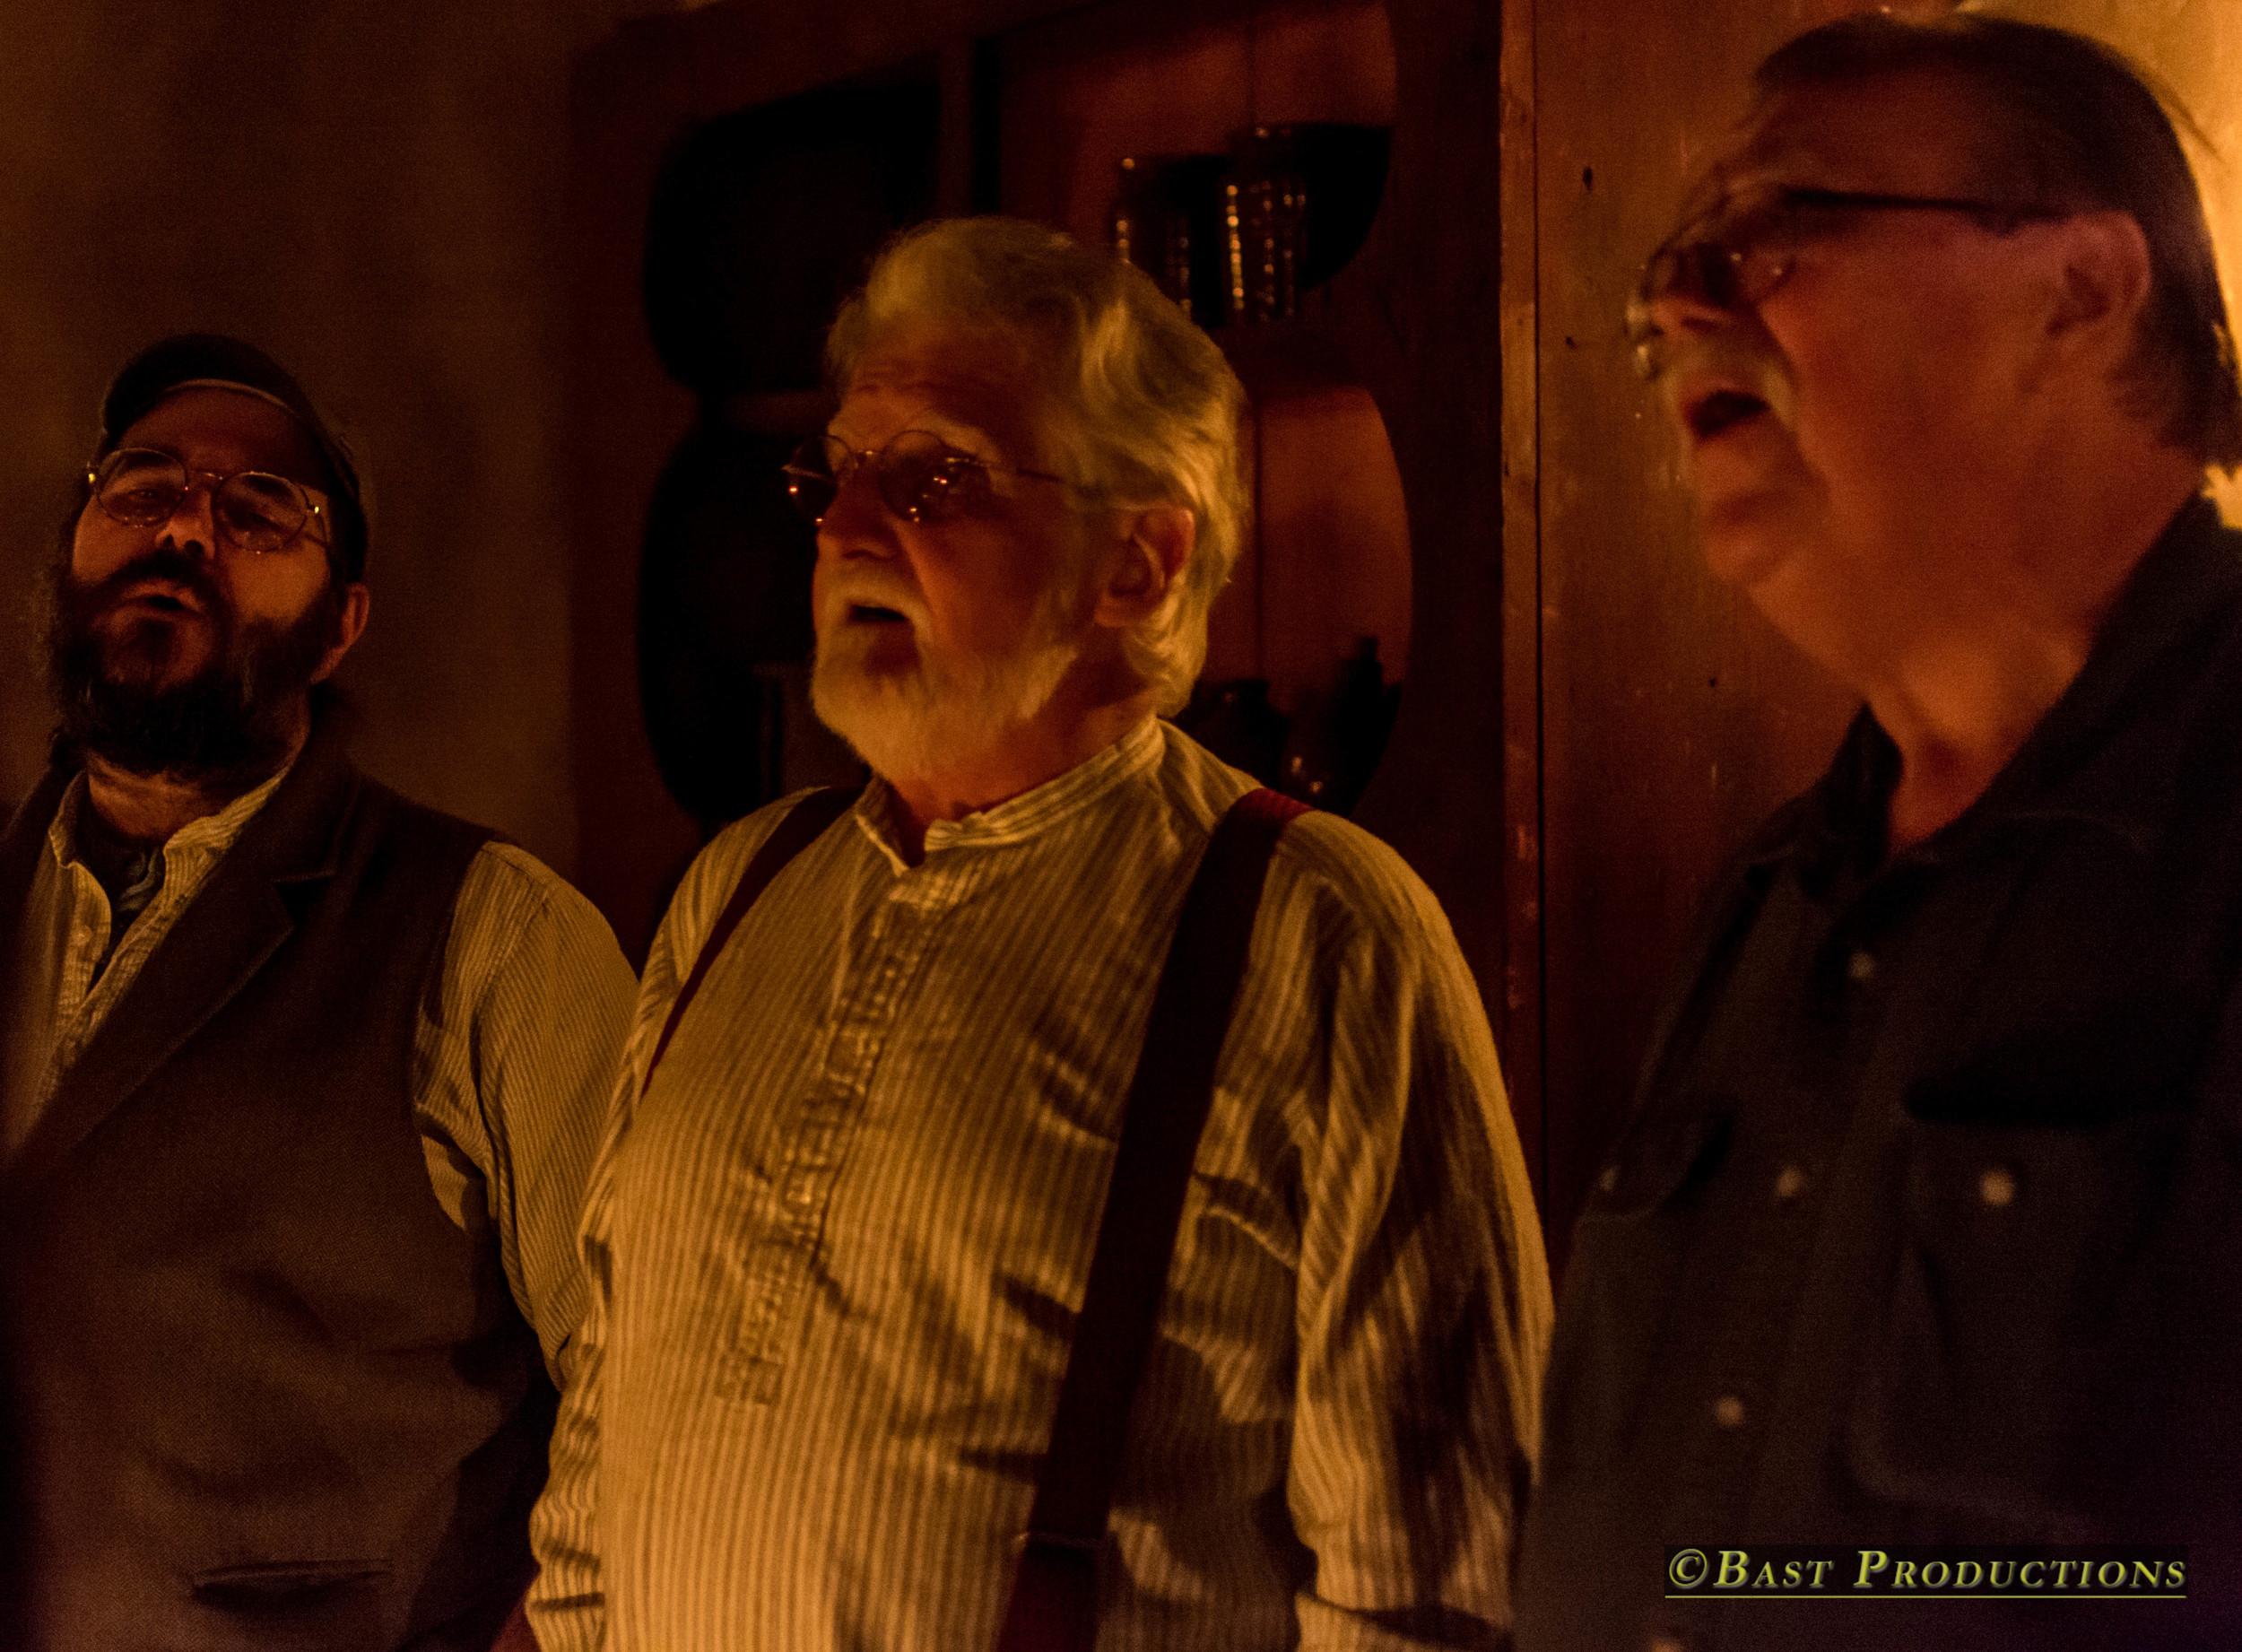 Chris, Bob and Jan